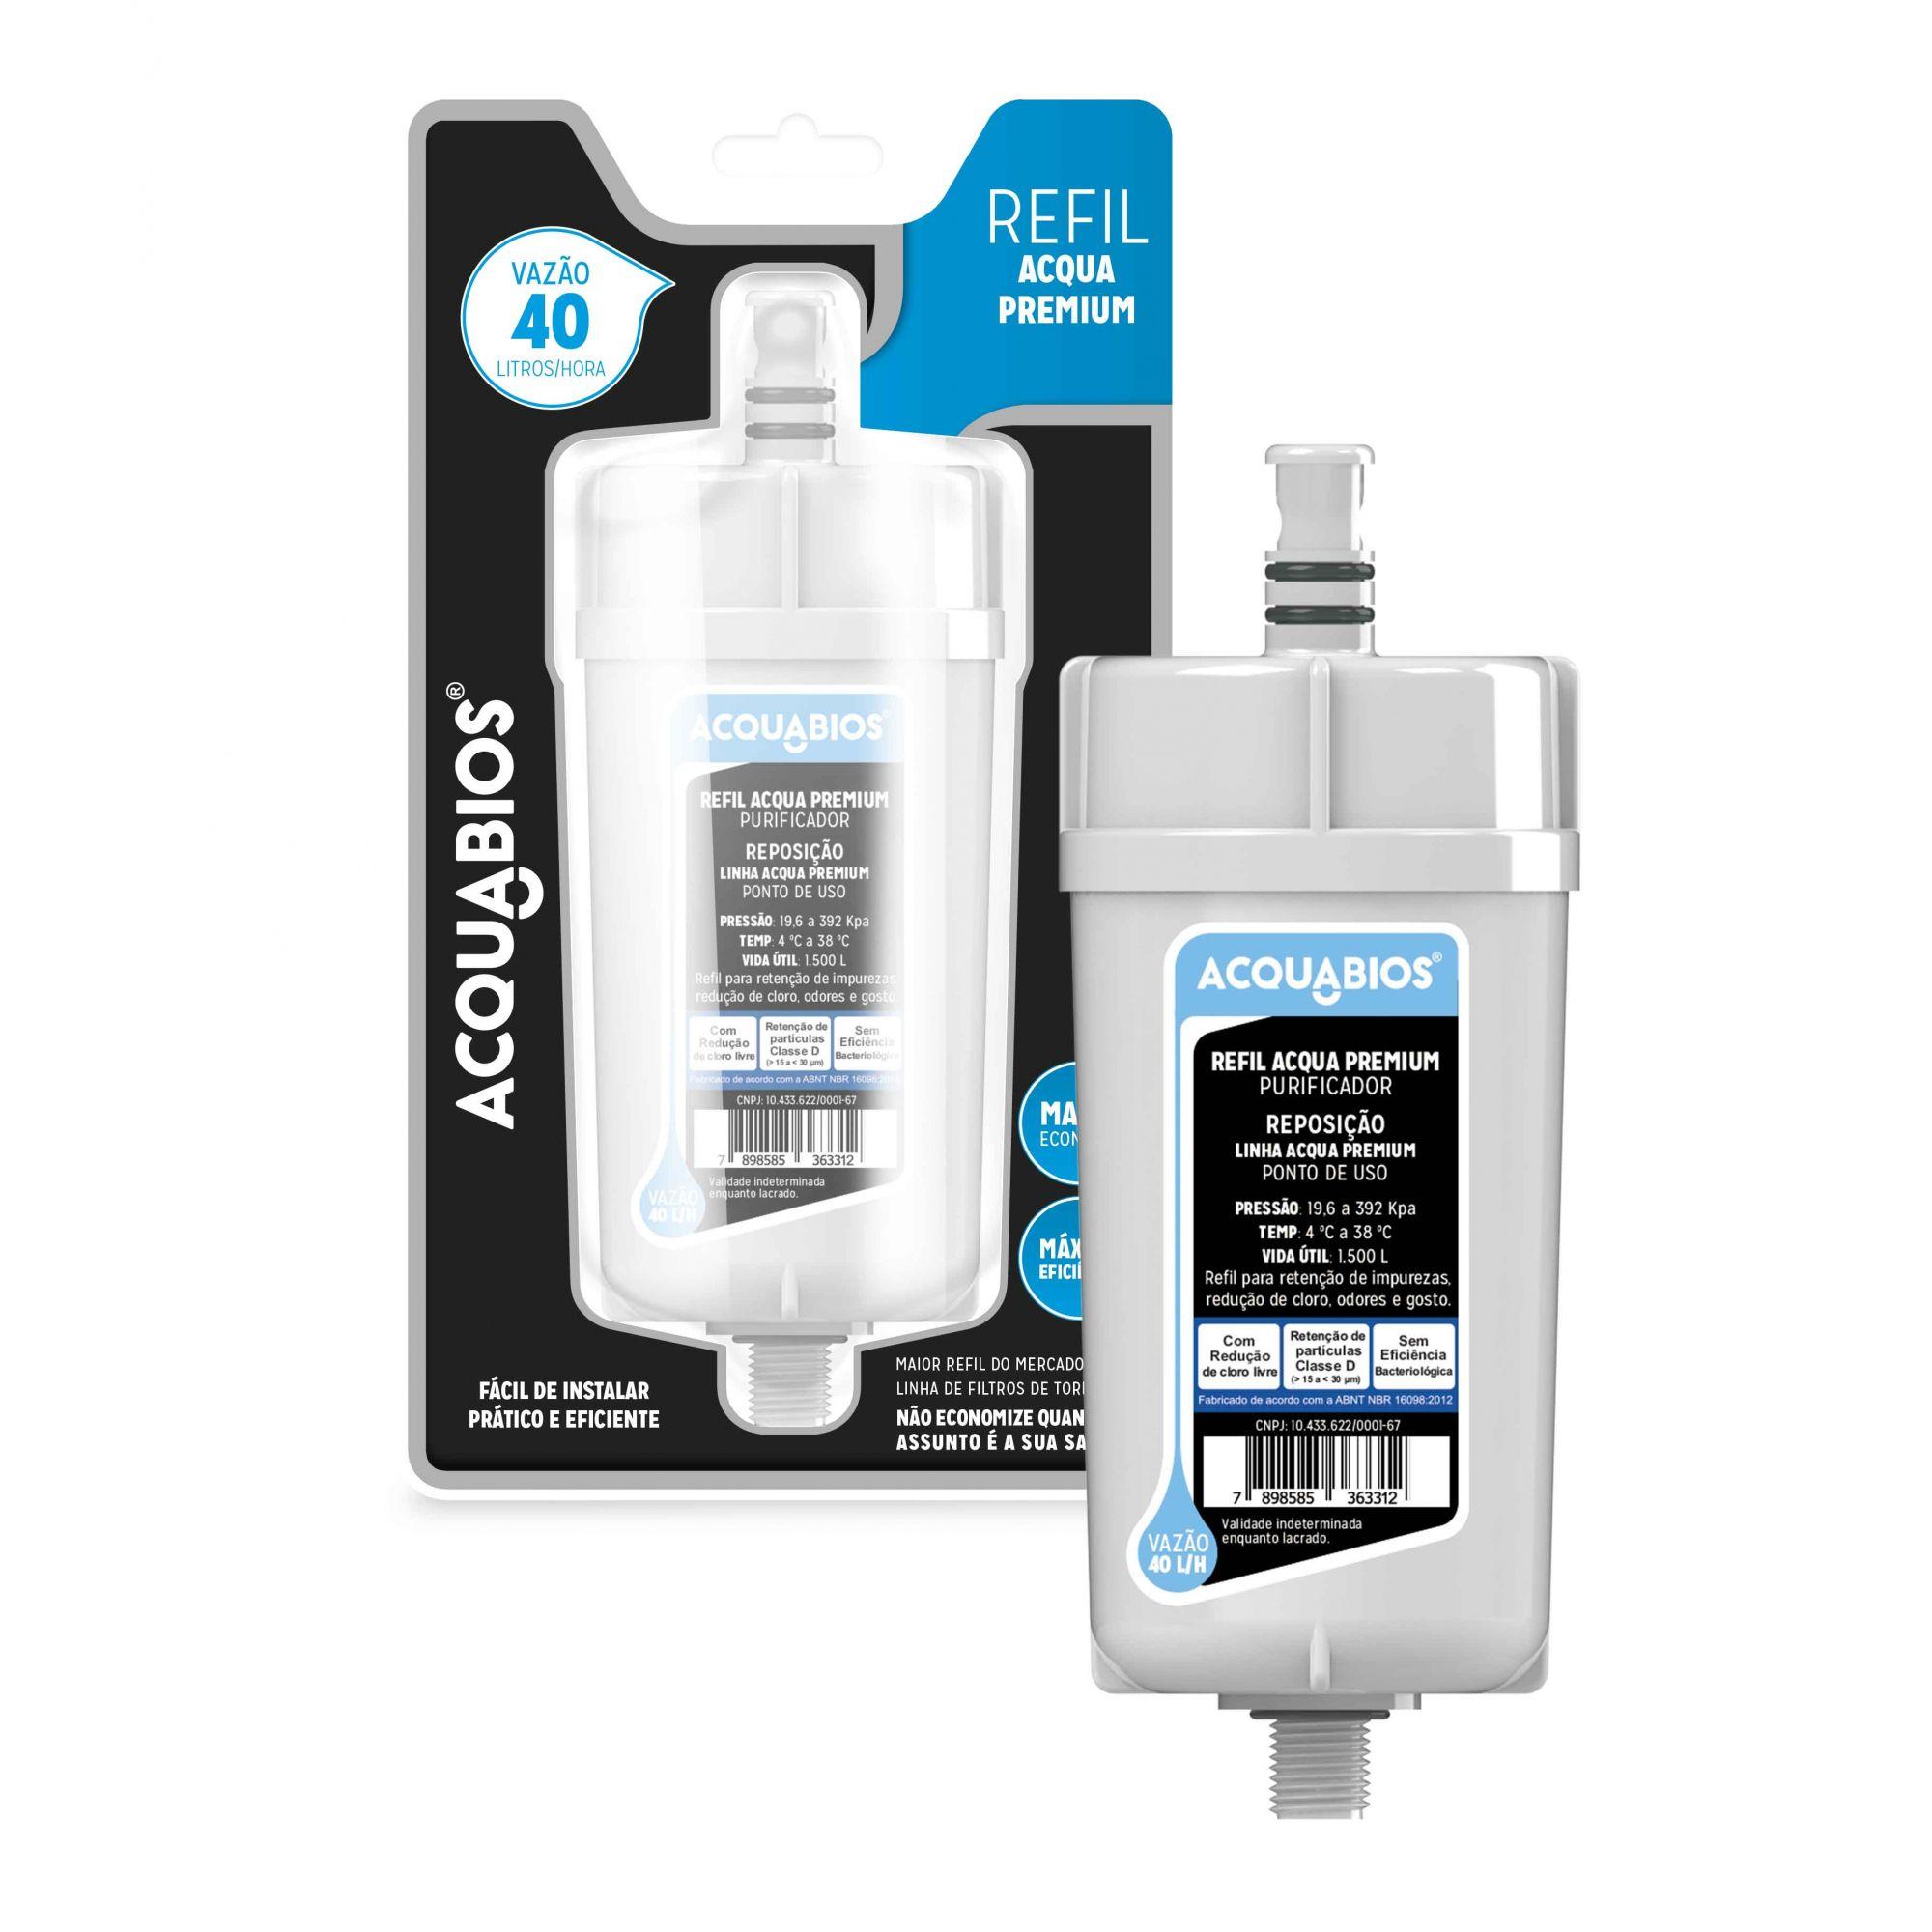 Filtro Refil Para Torneira Premium Acquabios Acqua Premium